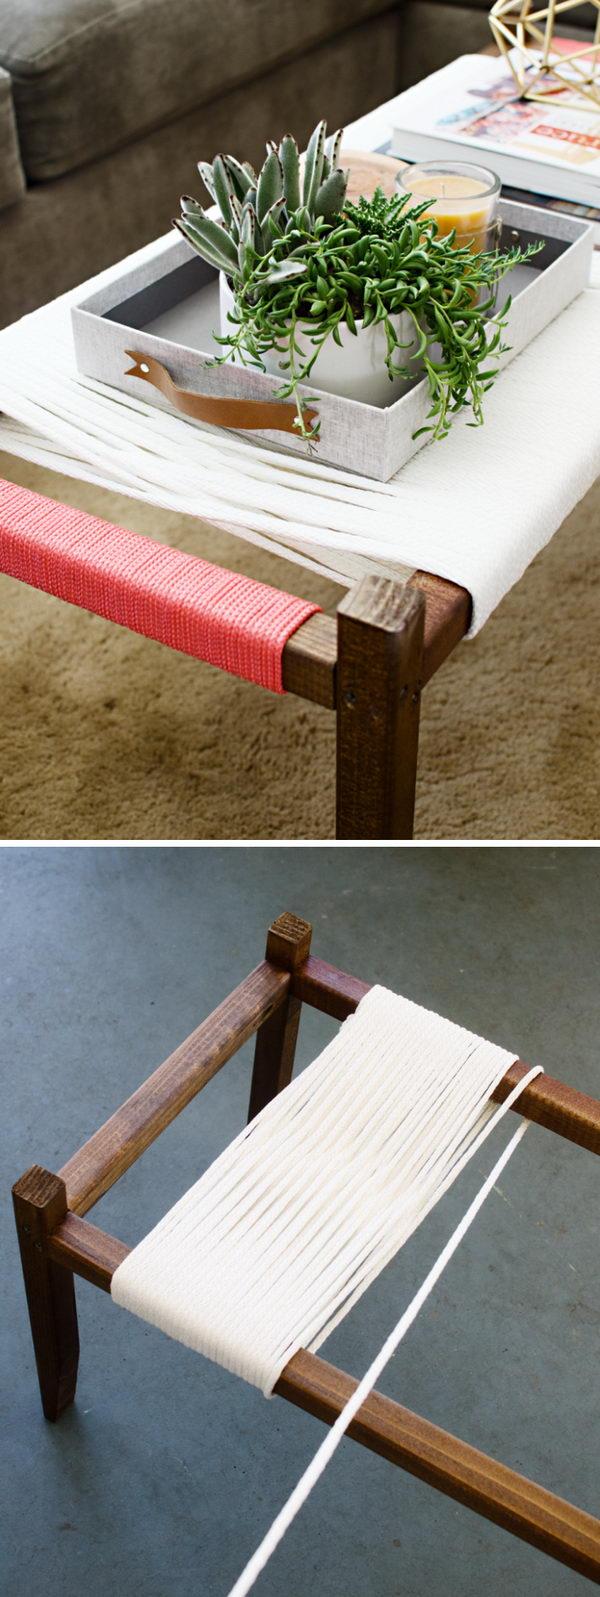 DIY Woven Bench.